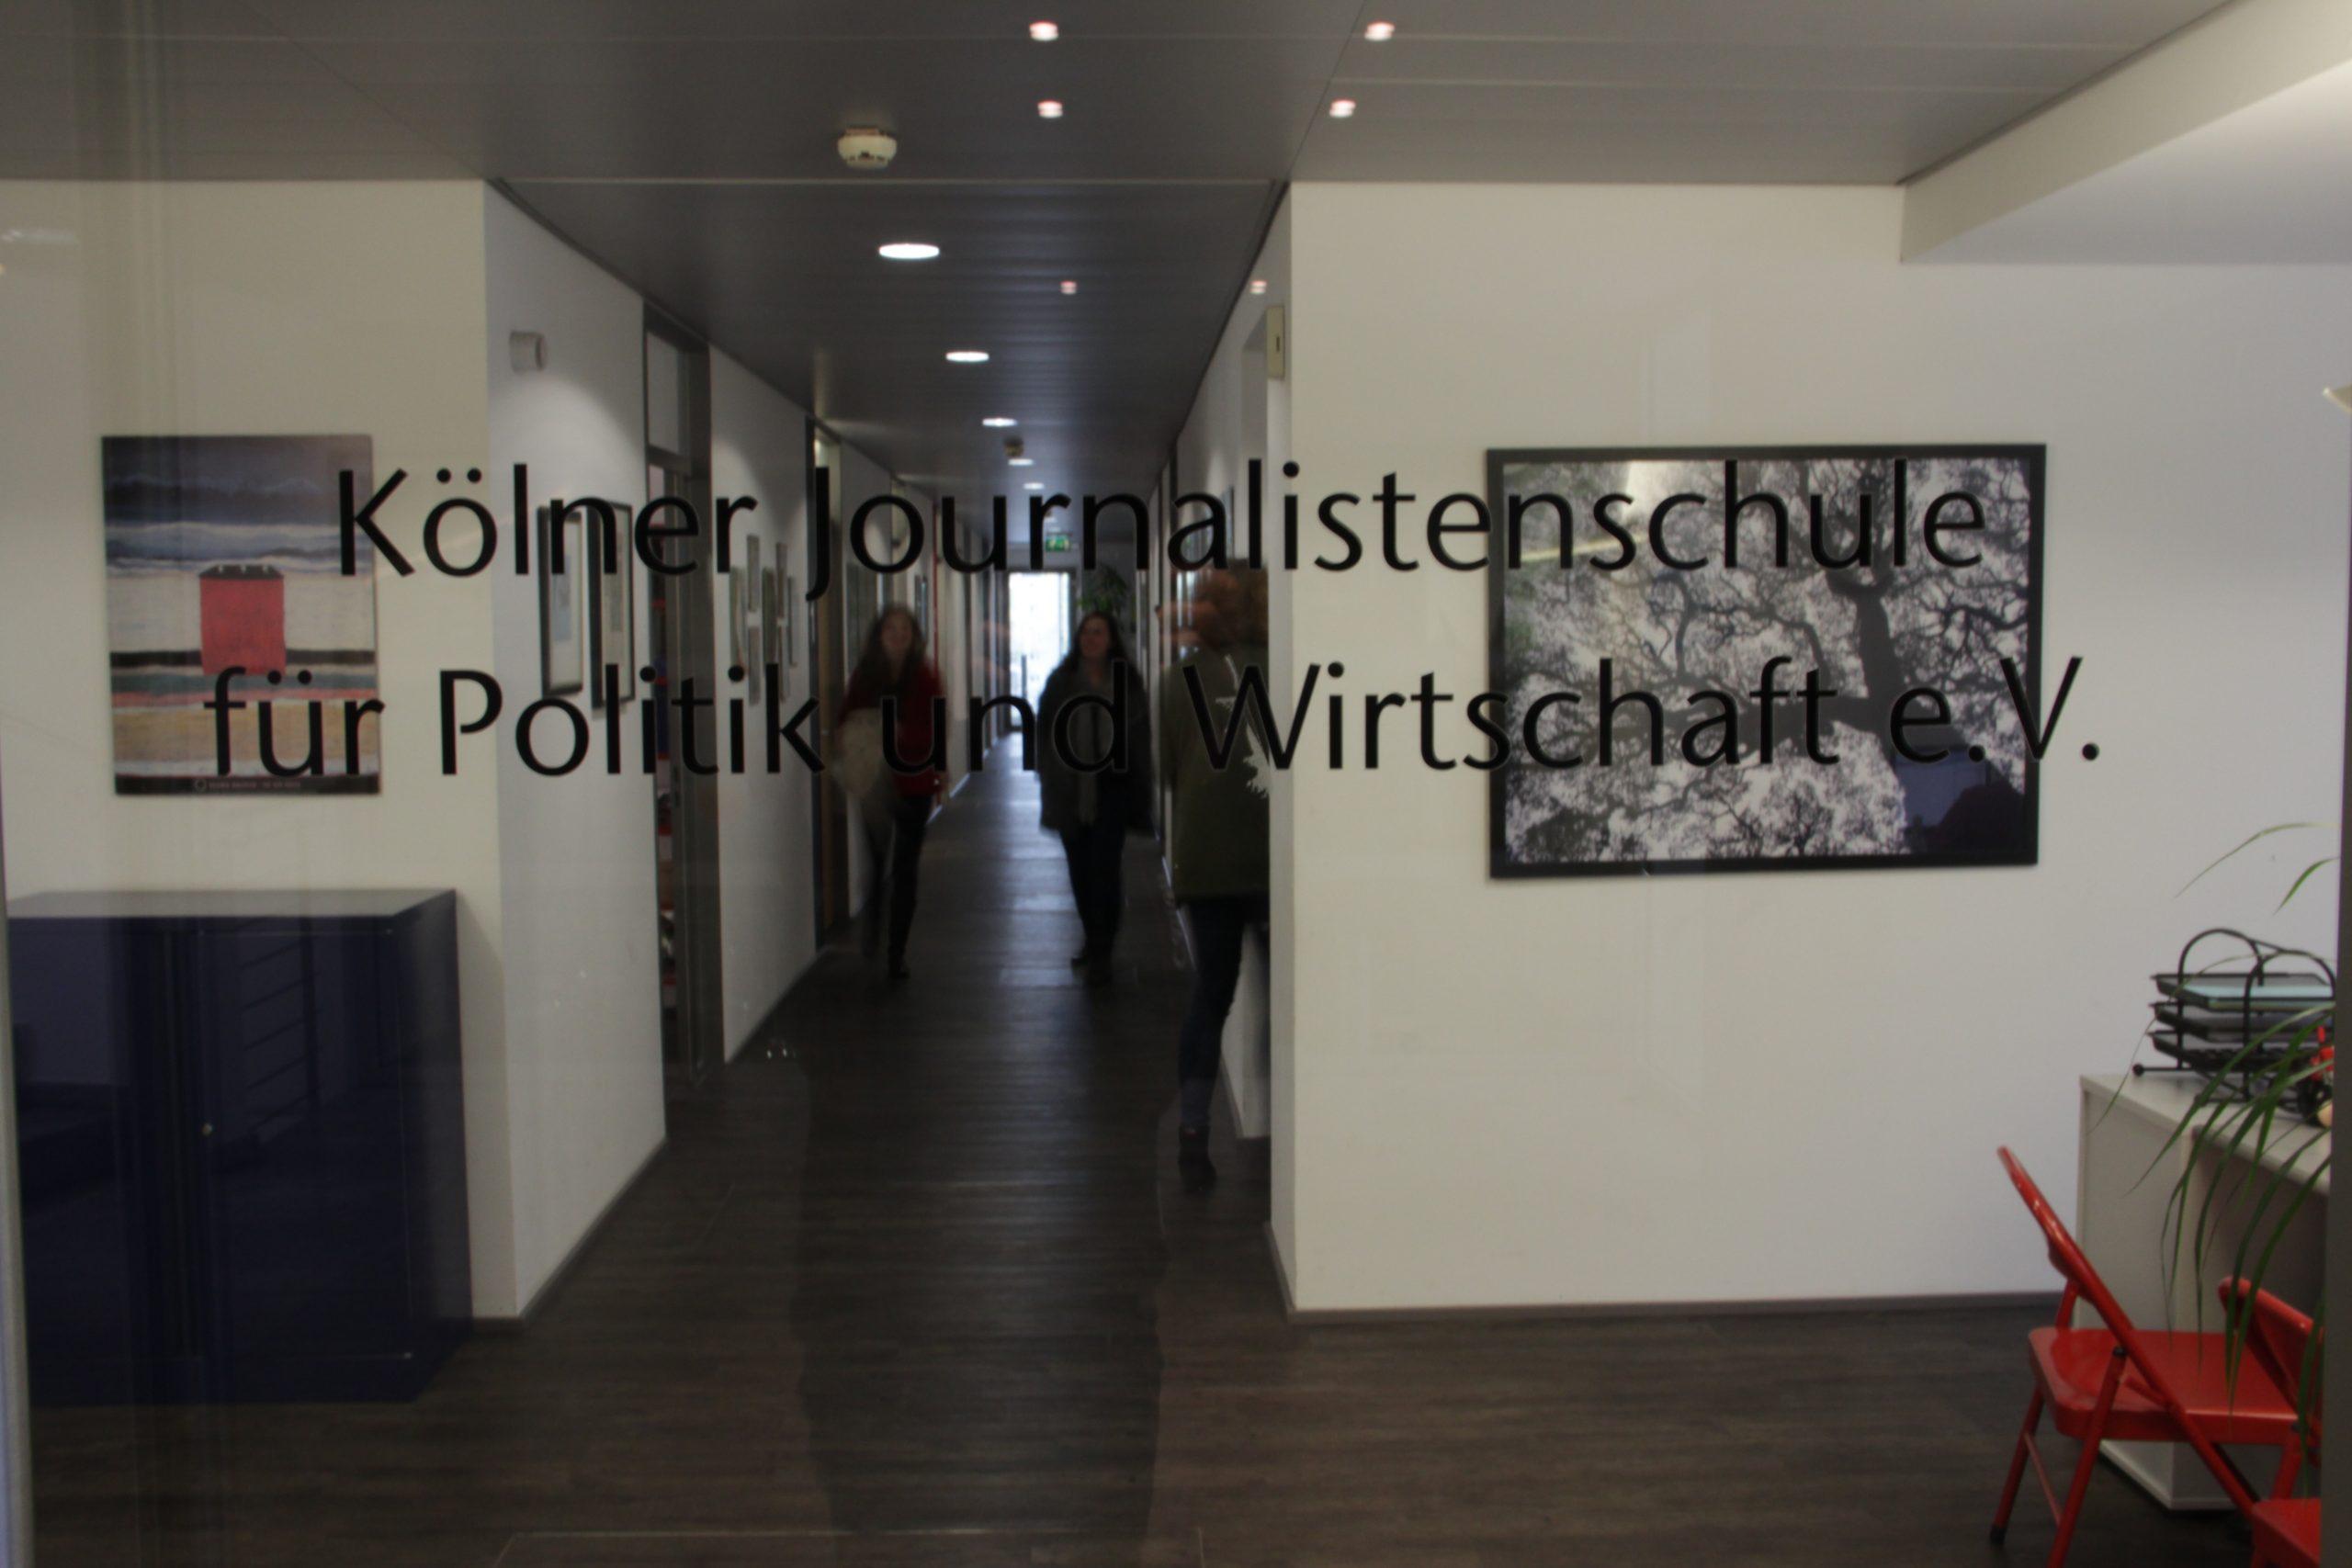 Die Kölner Journalistenschule für Politik und Wirtschaft bildet seit 1968 Journalist*innen aus.